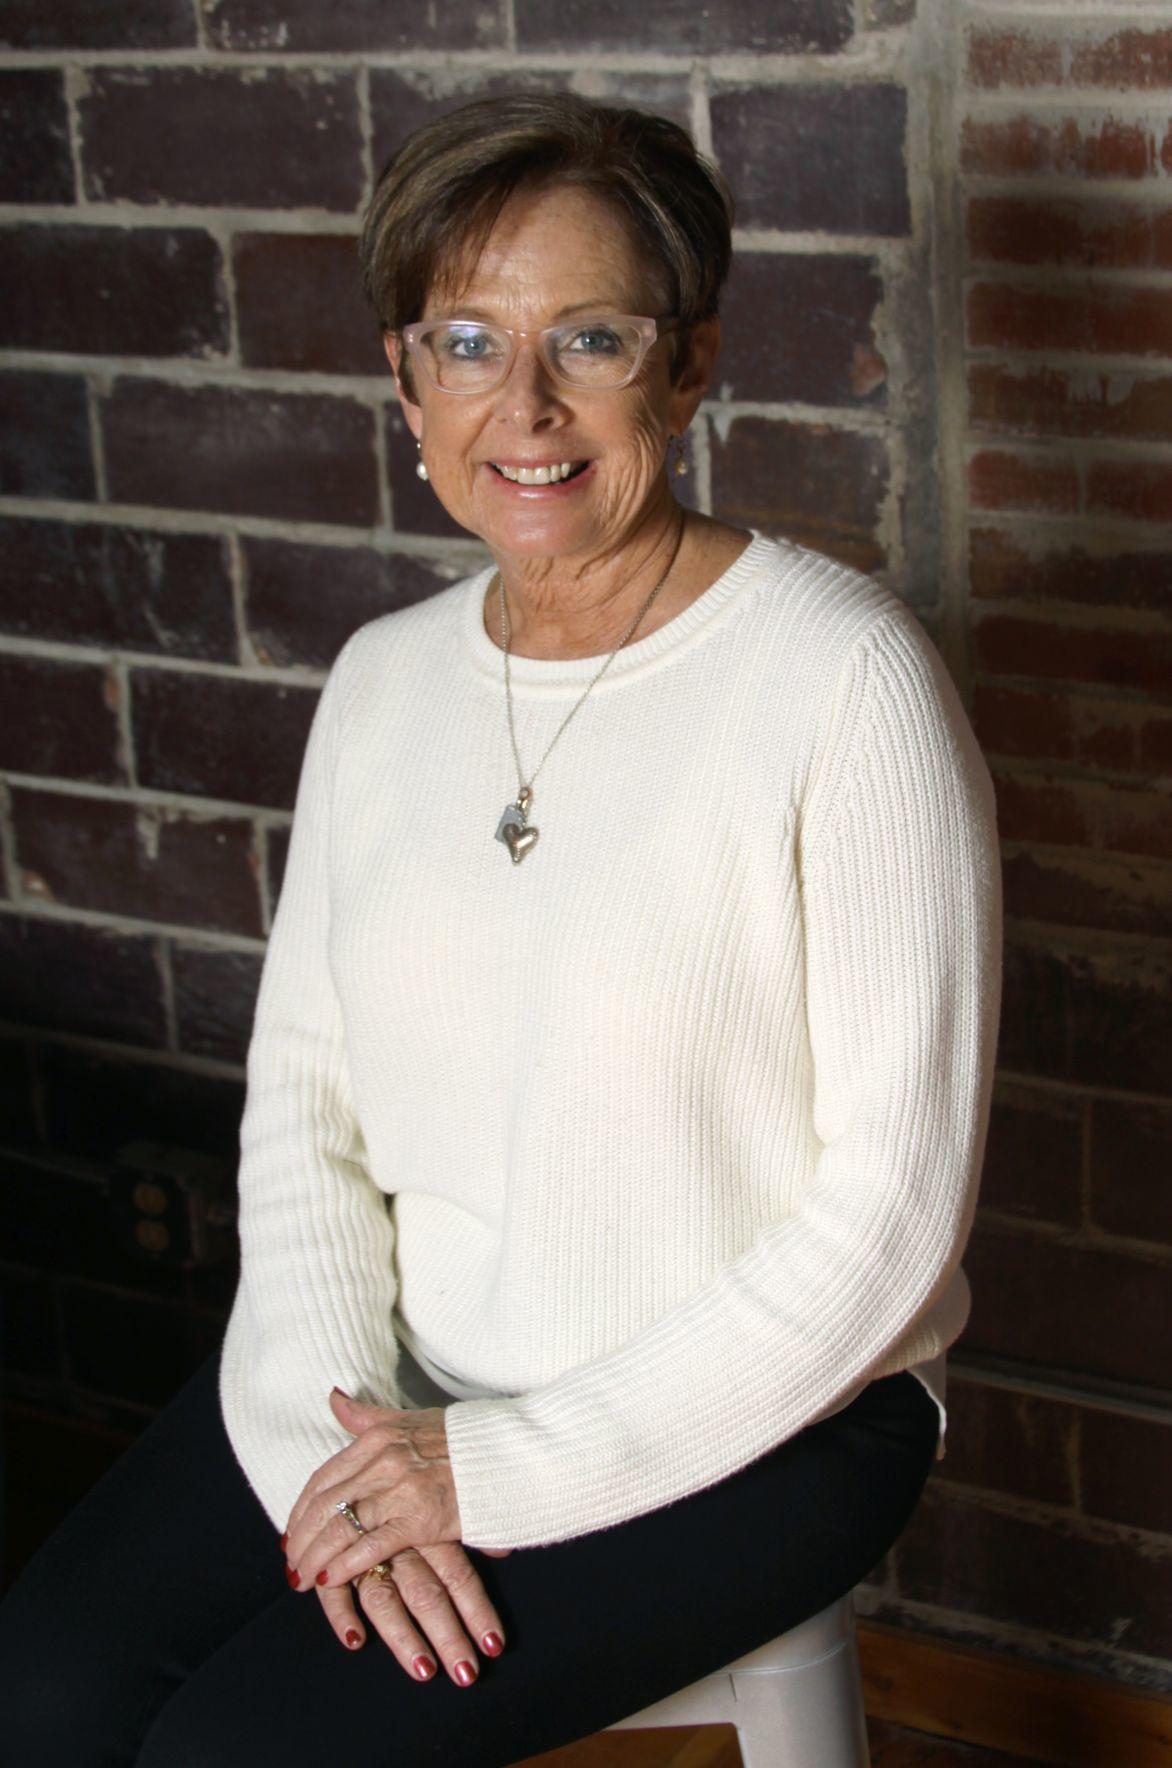 Nancy Dykstra